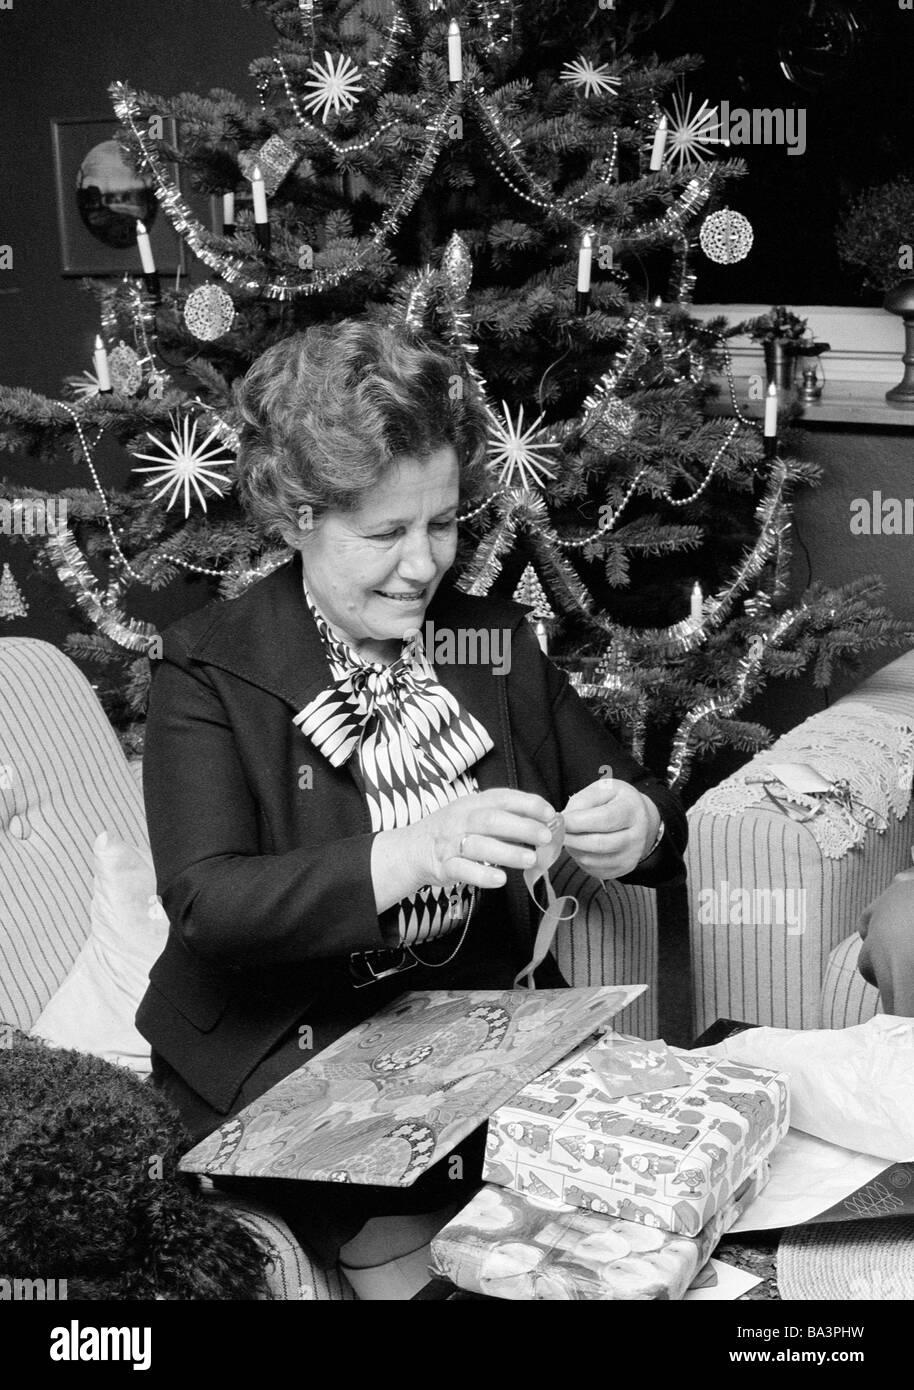 Foto Di Natale Anni 60.Negli Anni Settanta Foto In Bianco E Nero Natale La Vigilia Di